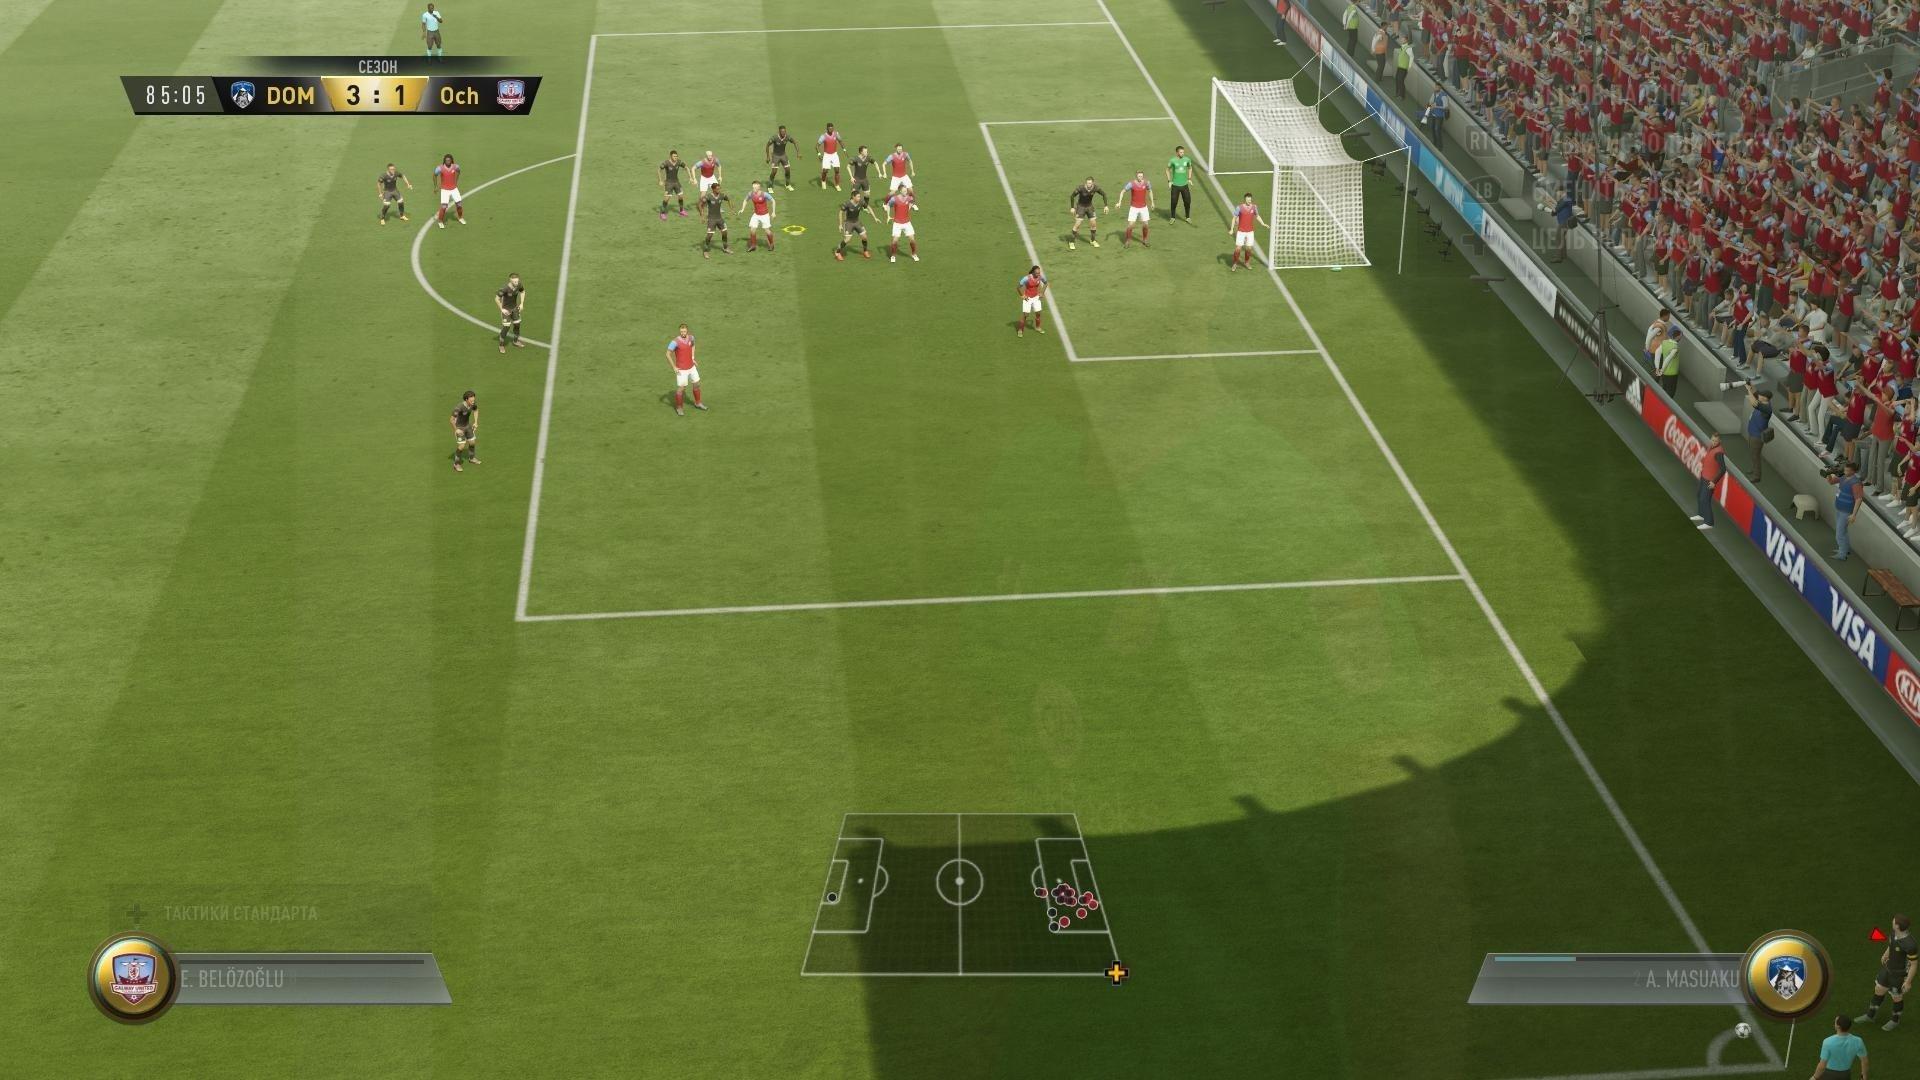 Как менялись футбольные симуляторы сквозь десятилетия - изображение 9